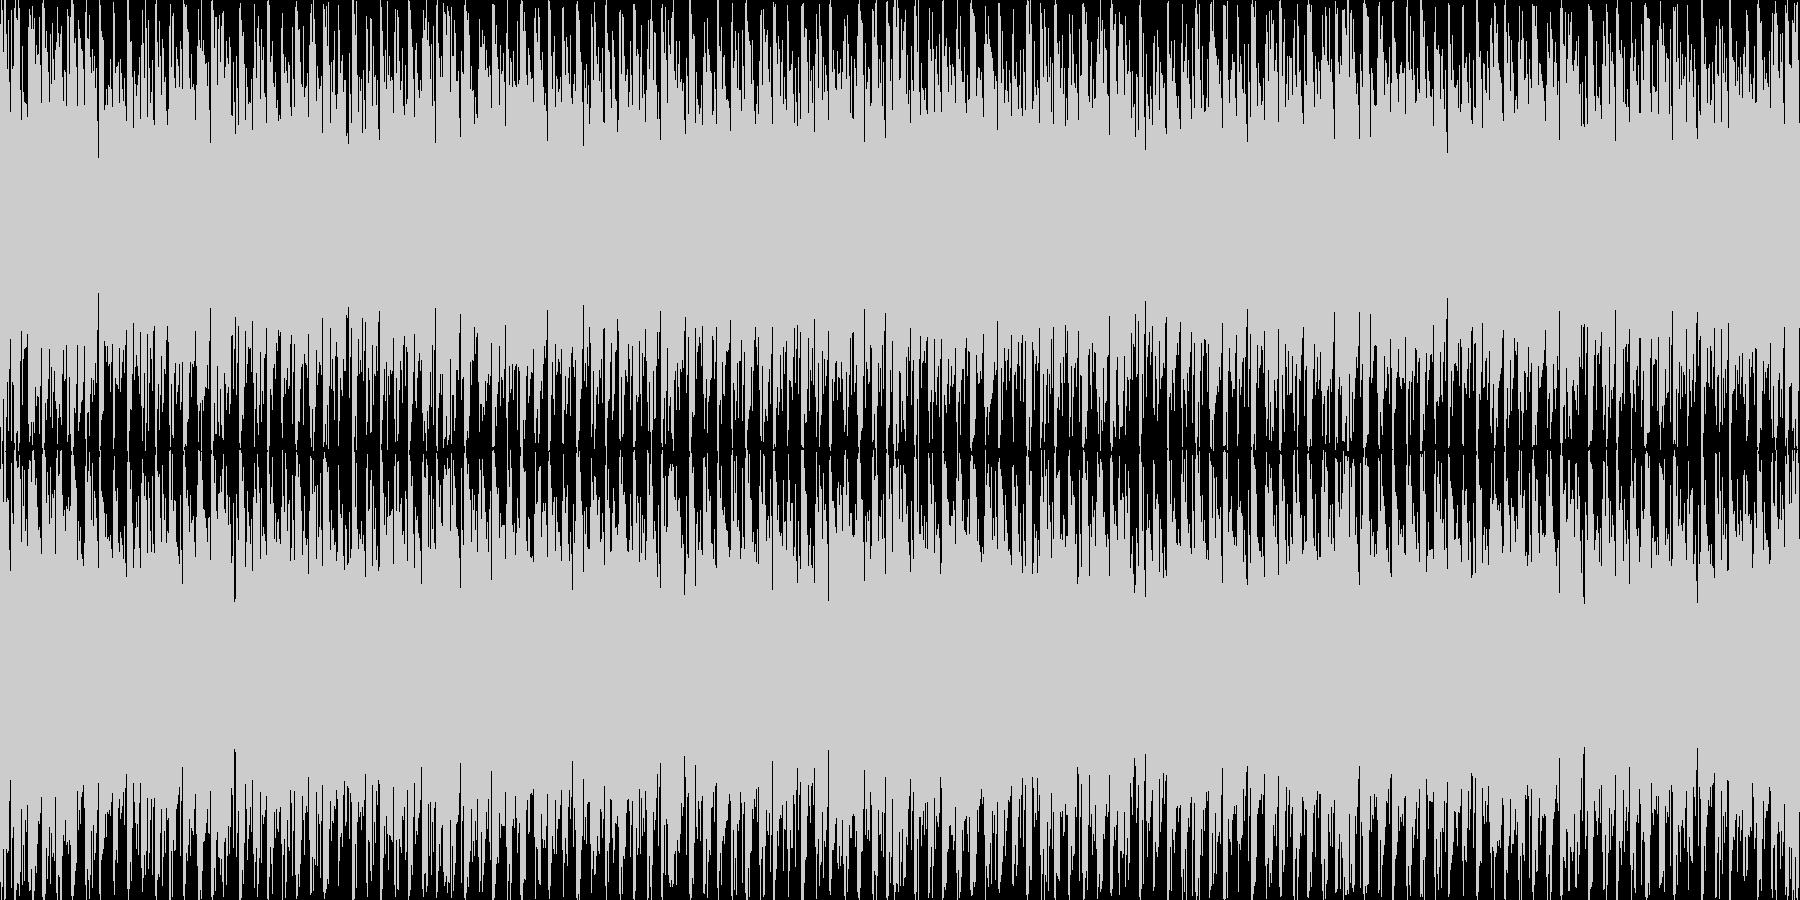 スタイリッシュで不穏な曲 ループ処理2の未再生の波形